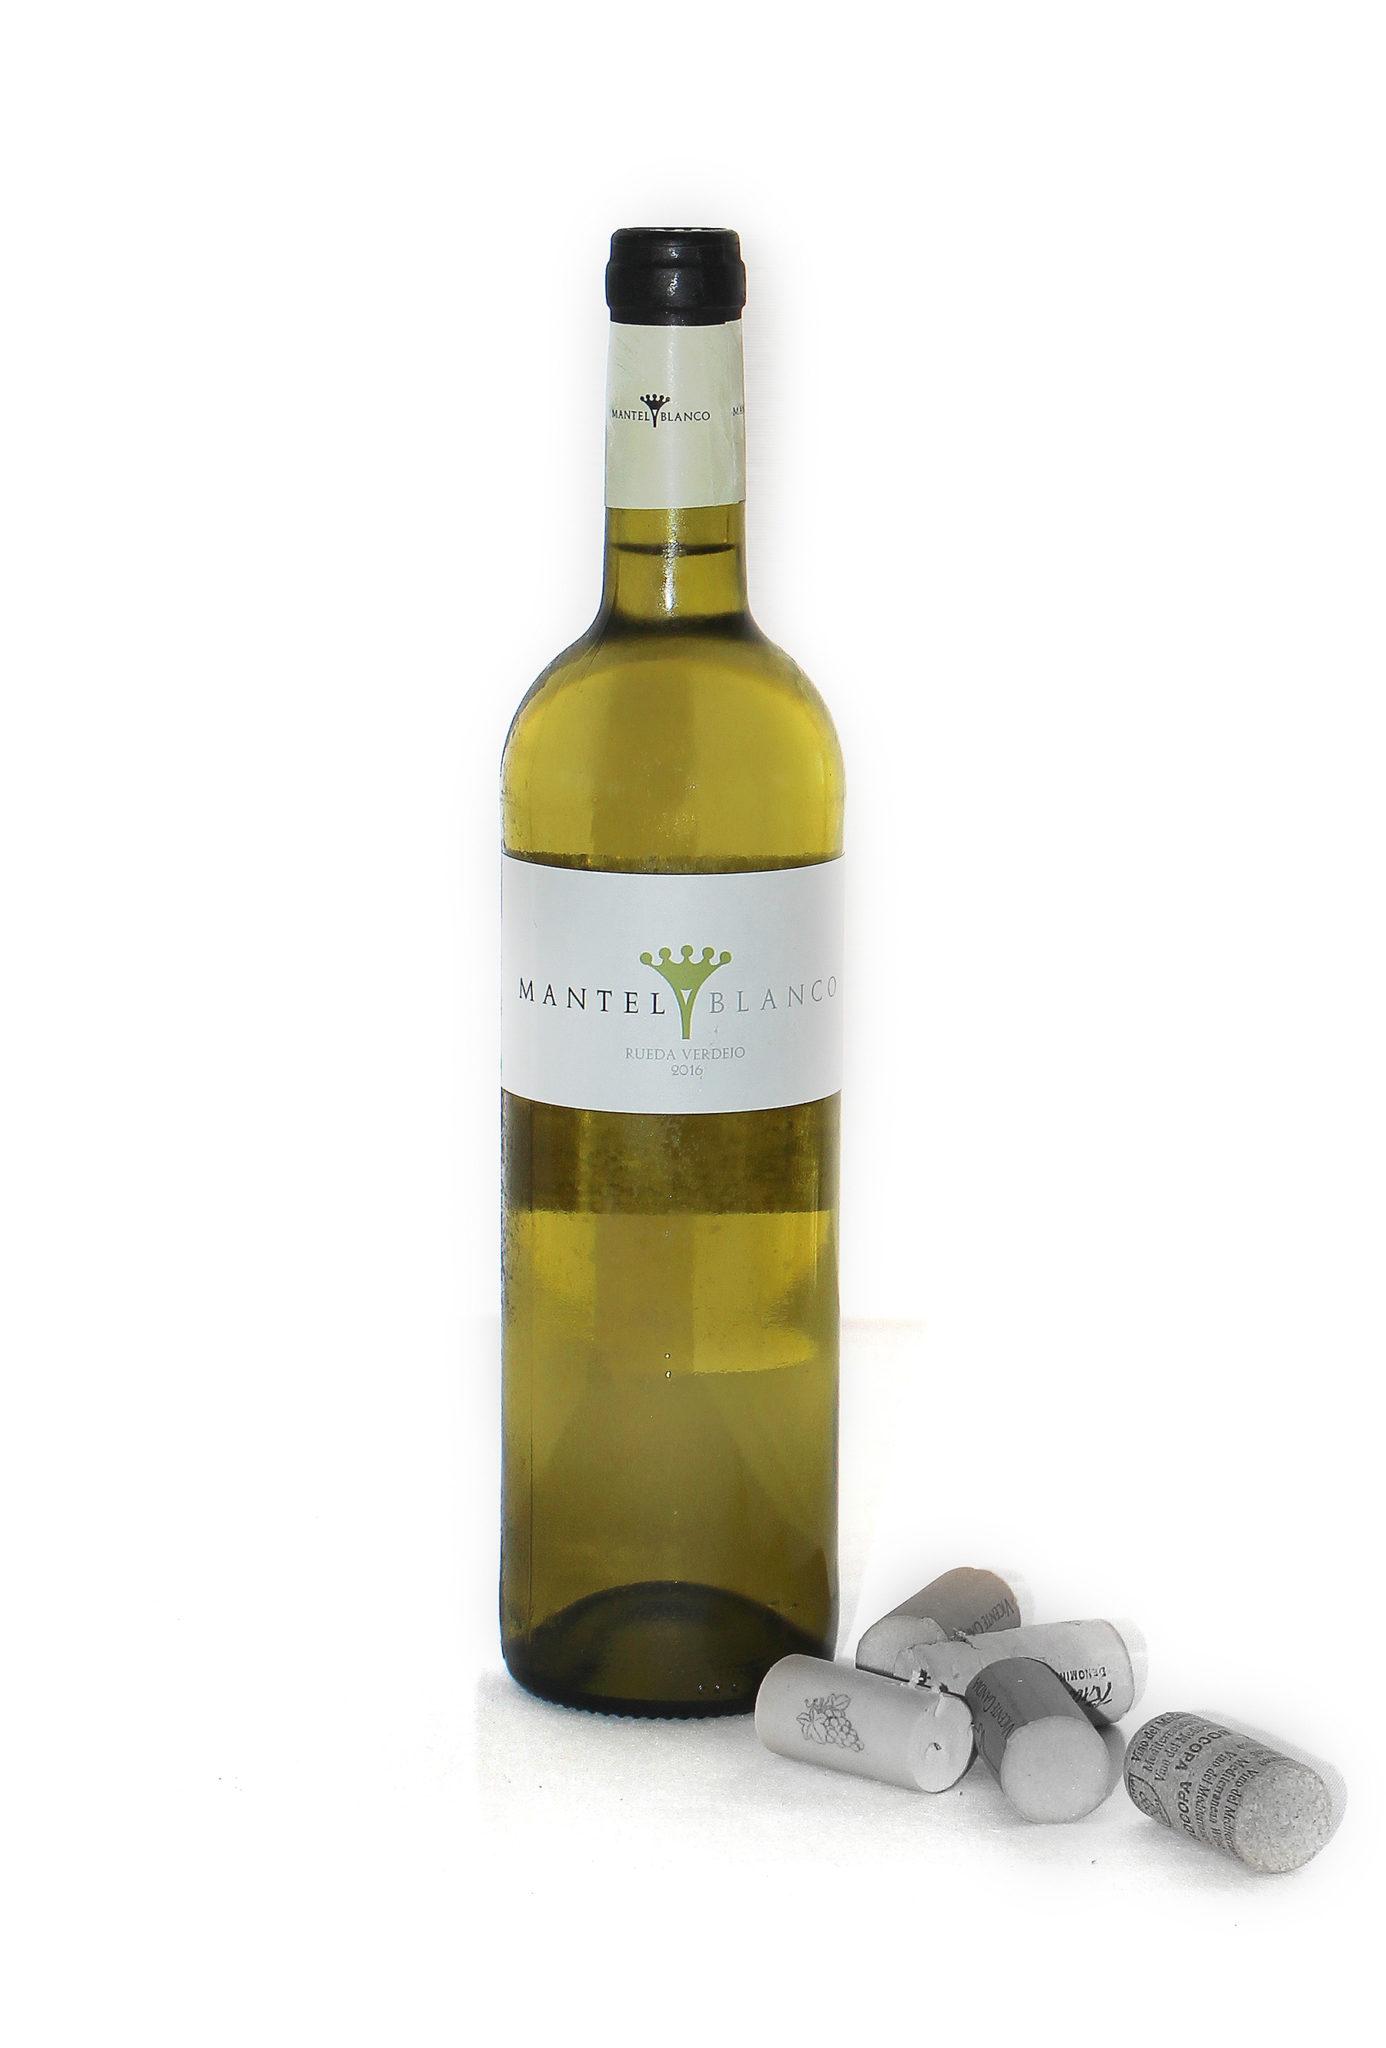 Mantel Blanco Verdejo Viñas Viejas